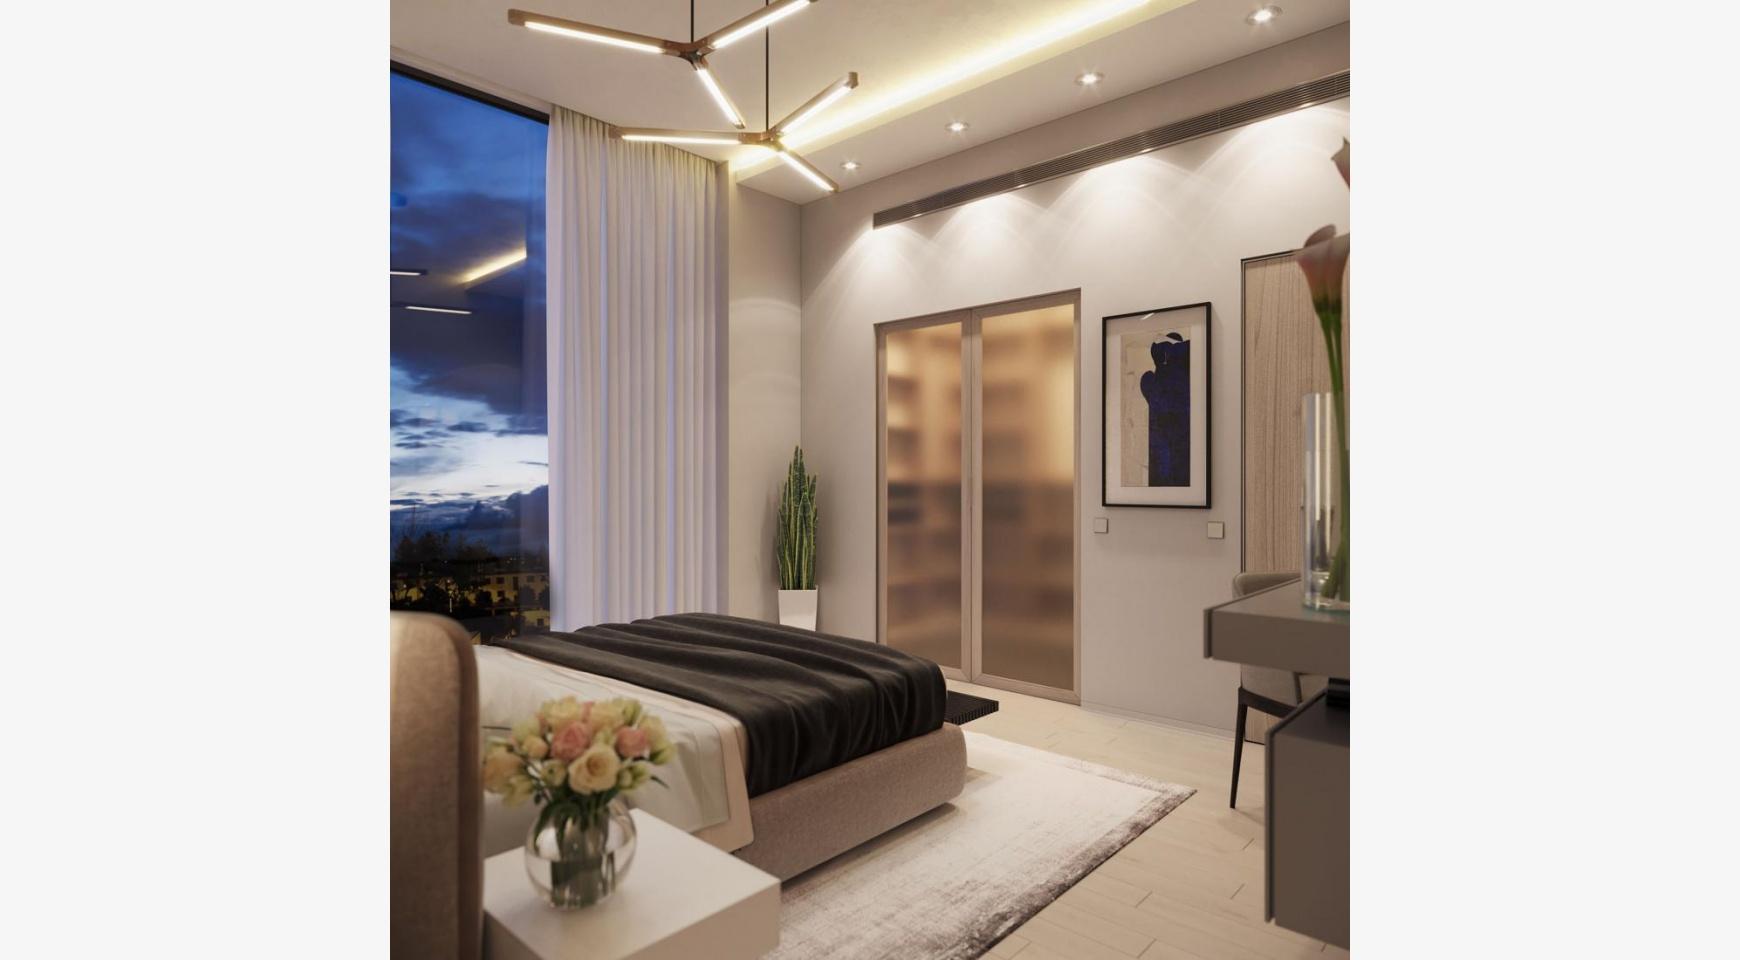 Cовременная 2-Спальная Квартира в Новом Комплексе возле Моря - 4